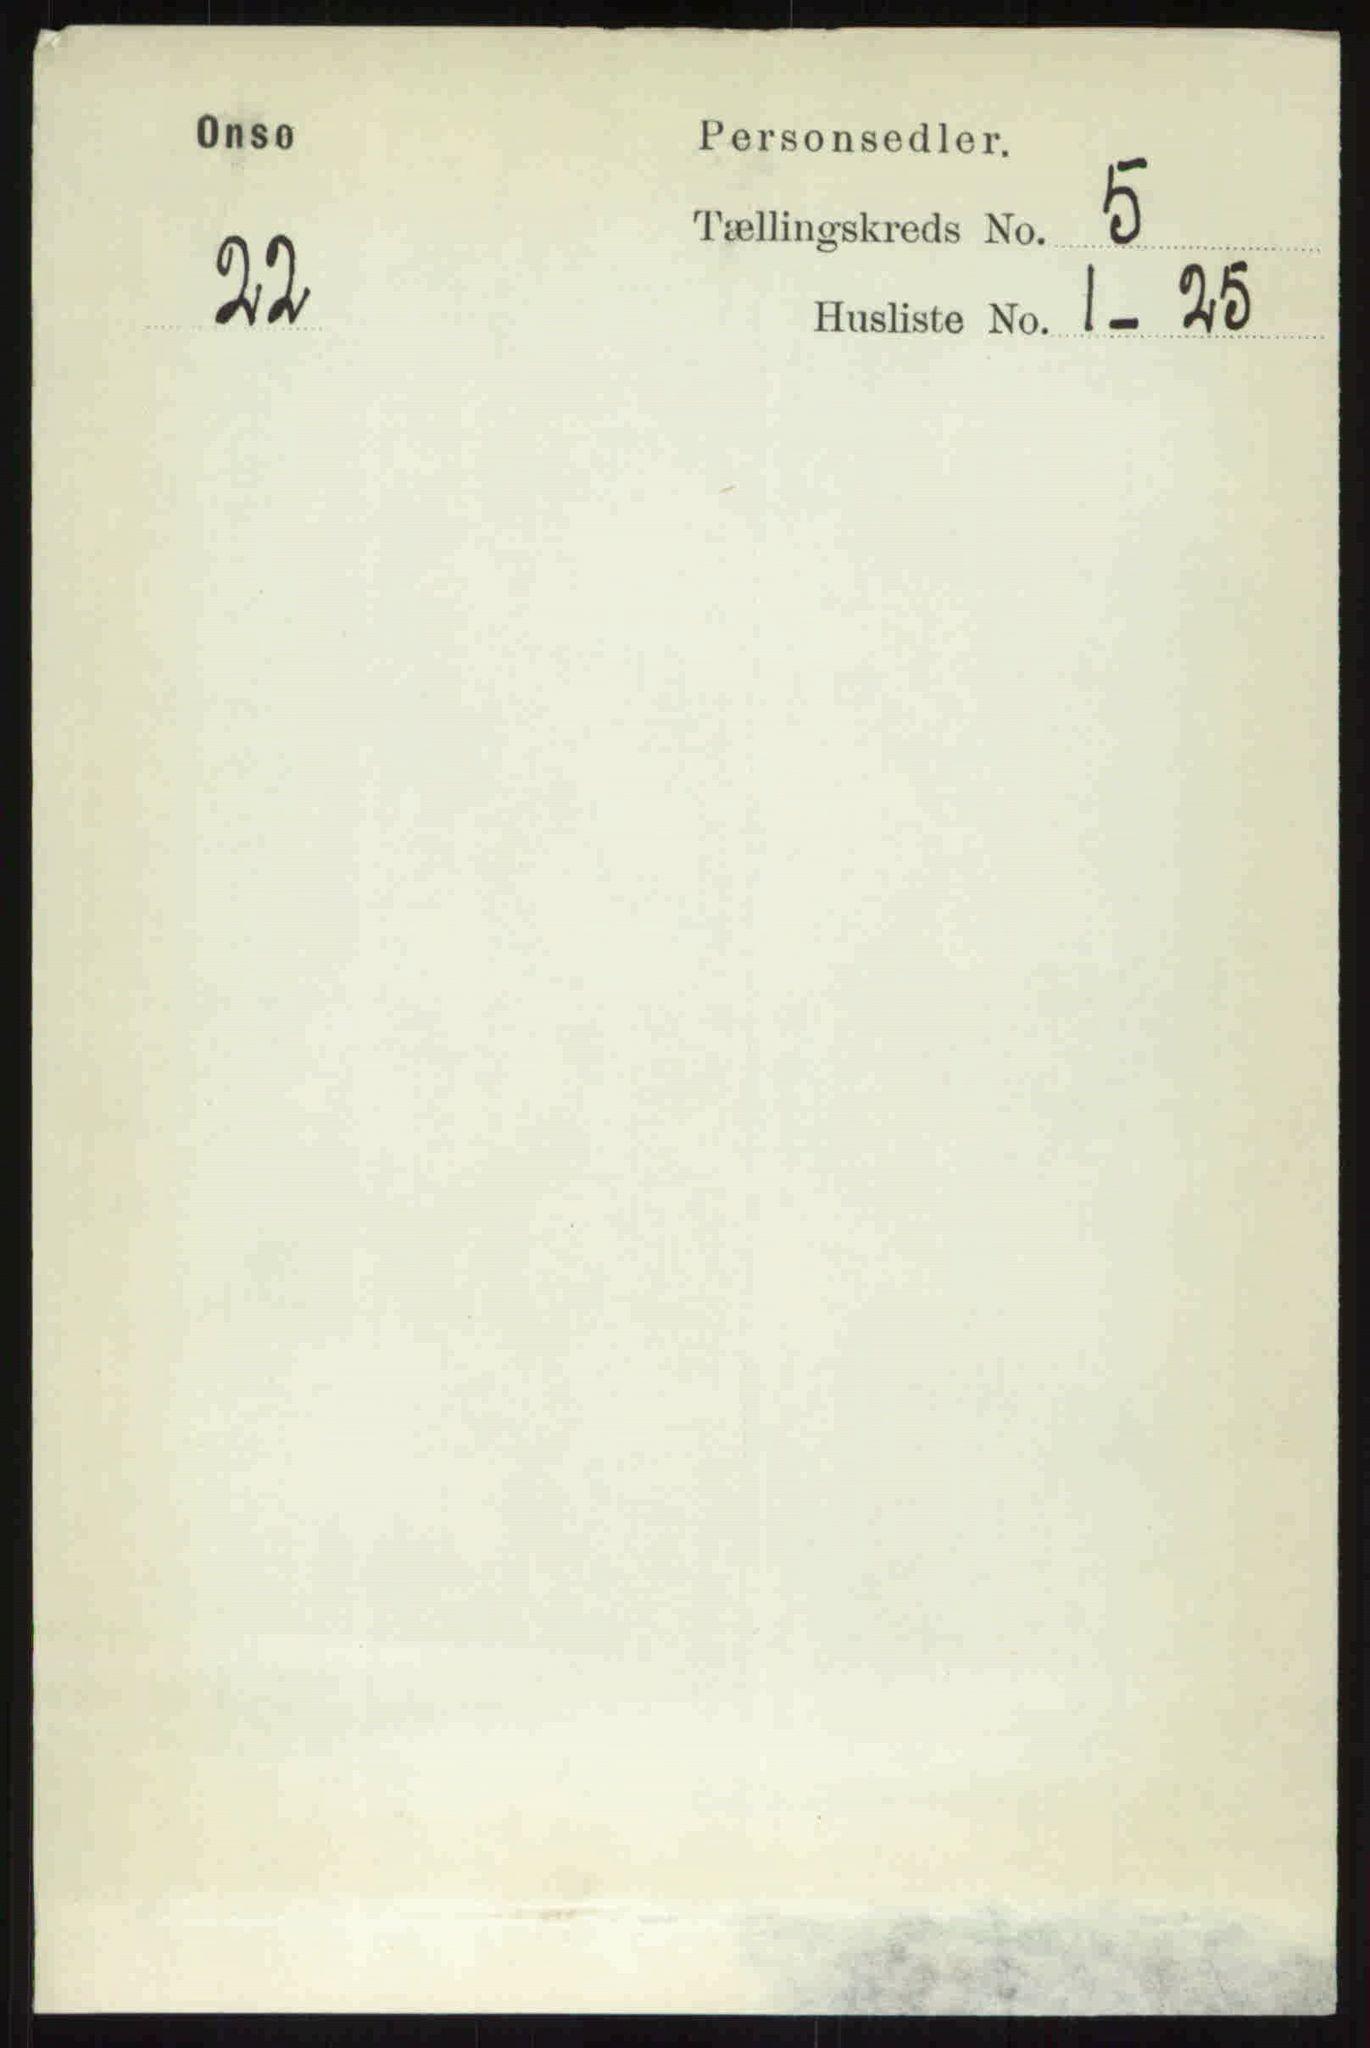 RA, Folketelling 1891 for 0134 Onsøy herred, 1891, s. 3953